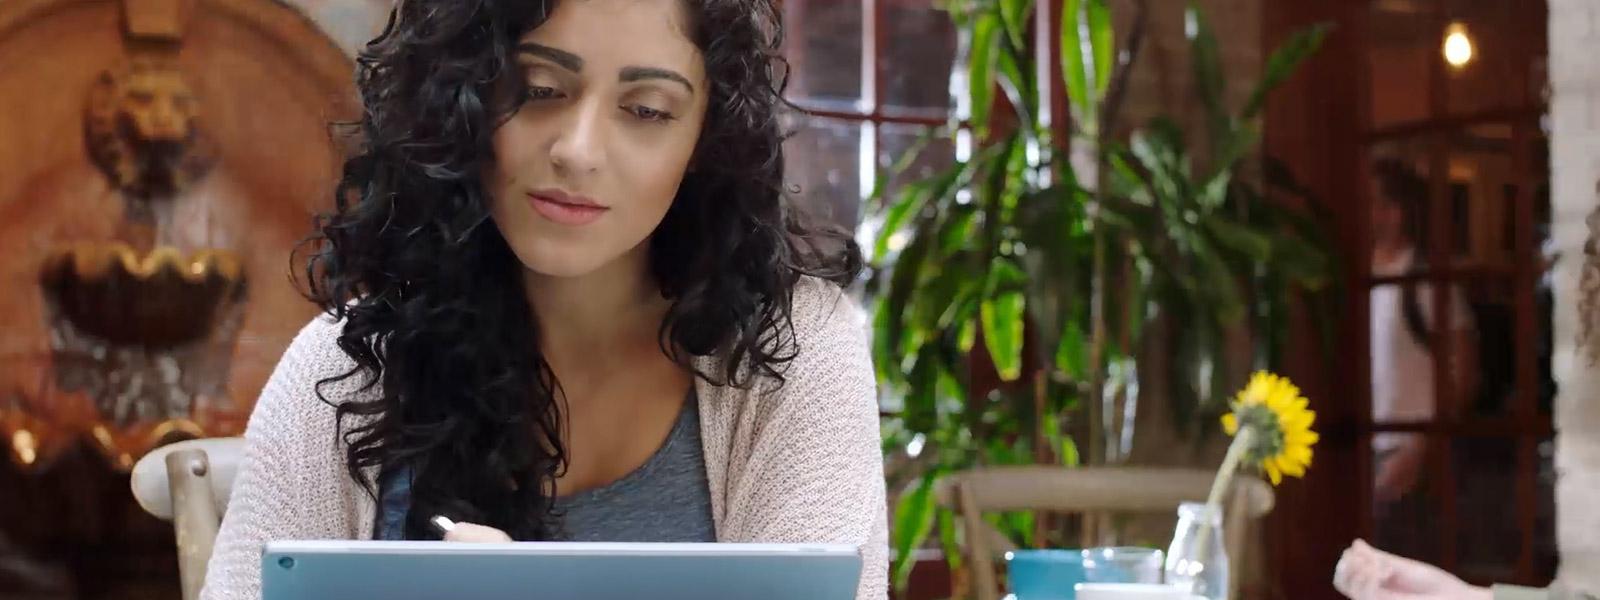 Windows 10 で Windows Ink を使って手書き入力